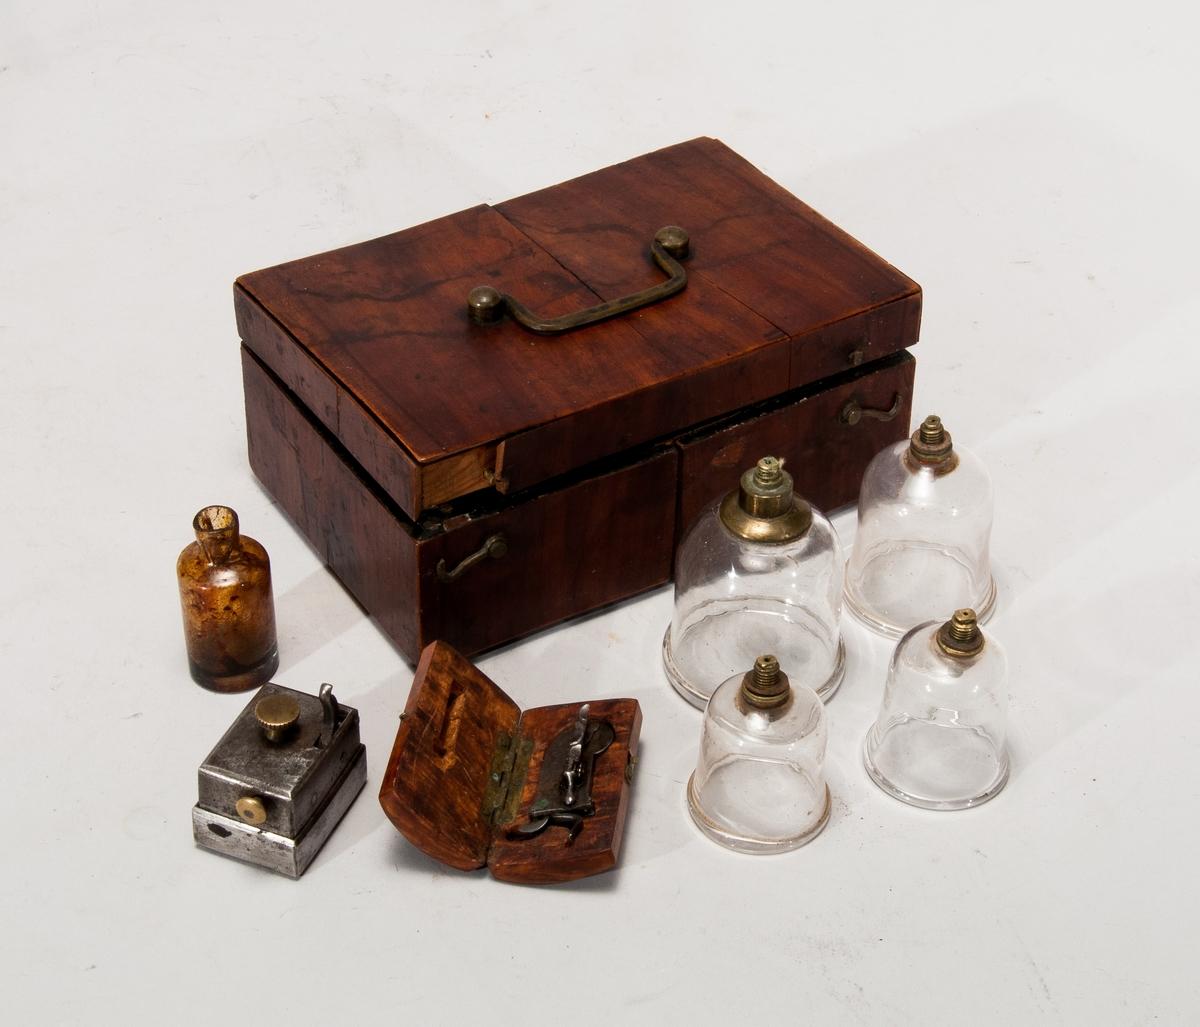 Verktyg för åderlåtning placerade i en trälåda. Verktygen är två glasskålar, en liten glas flaska, en liten trälåda och en okänd apparat i metall-troligtvis till för att skära/sticka hål i huden har en spännmekanism som sen går att utlösa .